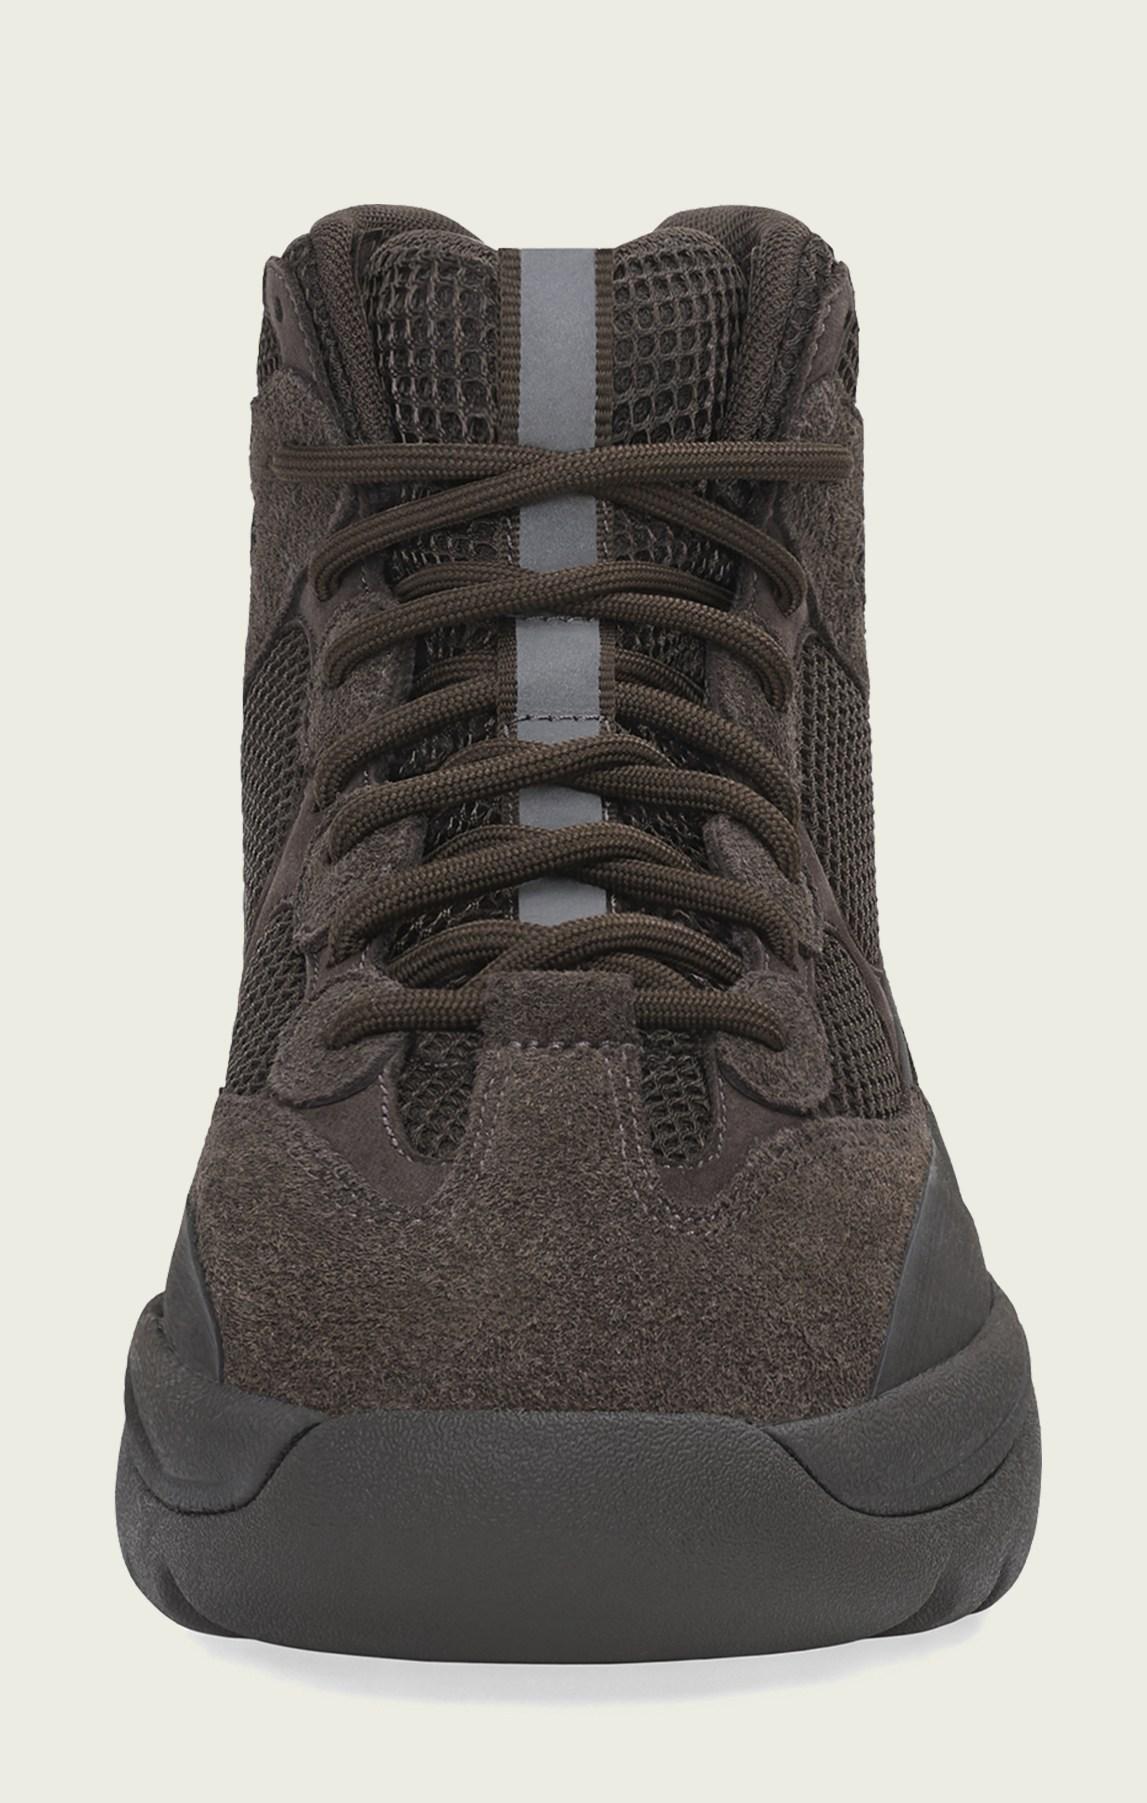 06-adidas-yeezy-desert-boot-oil-eg6463